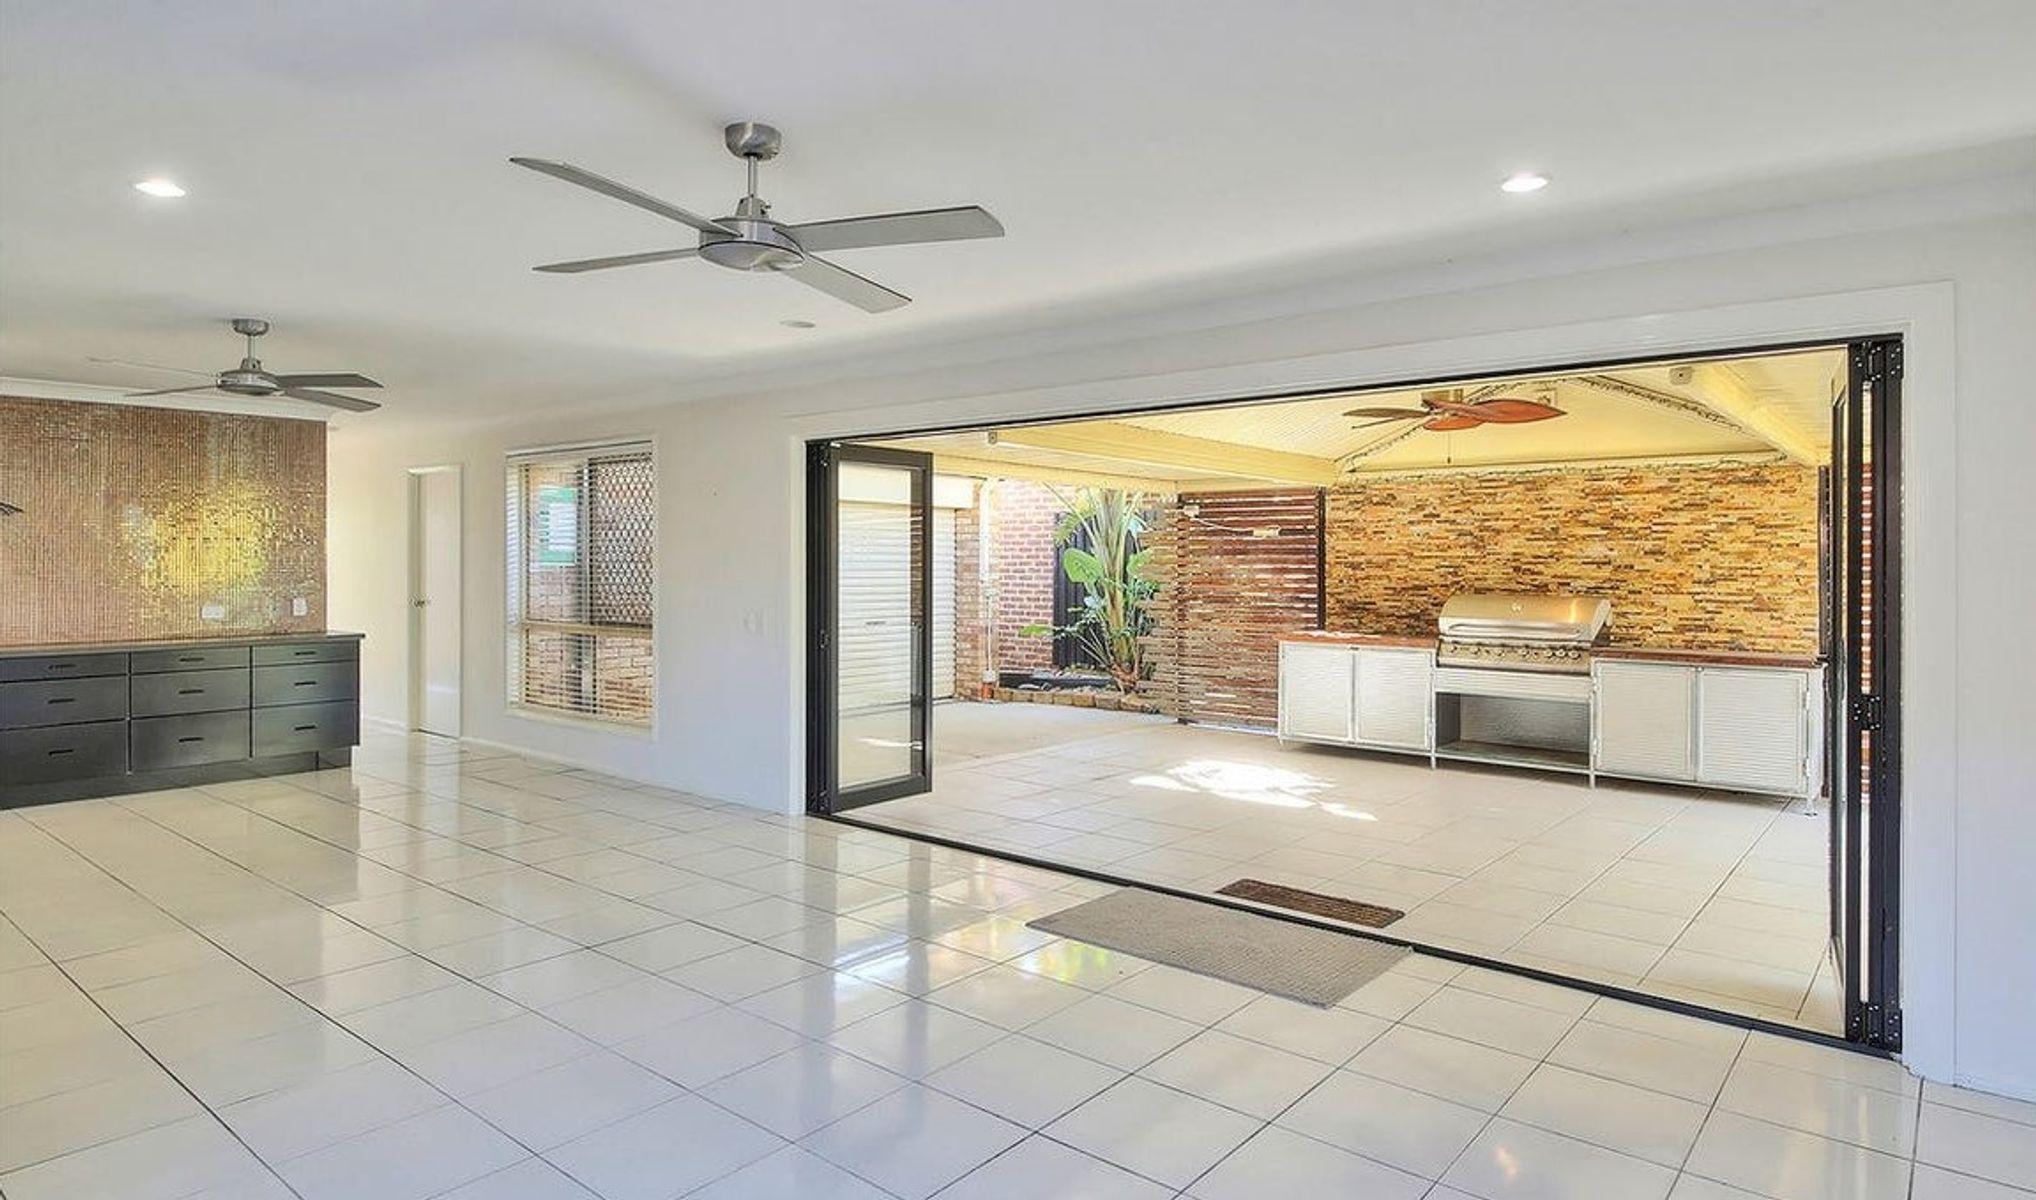 20 Cowper Place, Coopers Plains, QLD 4108